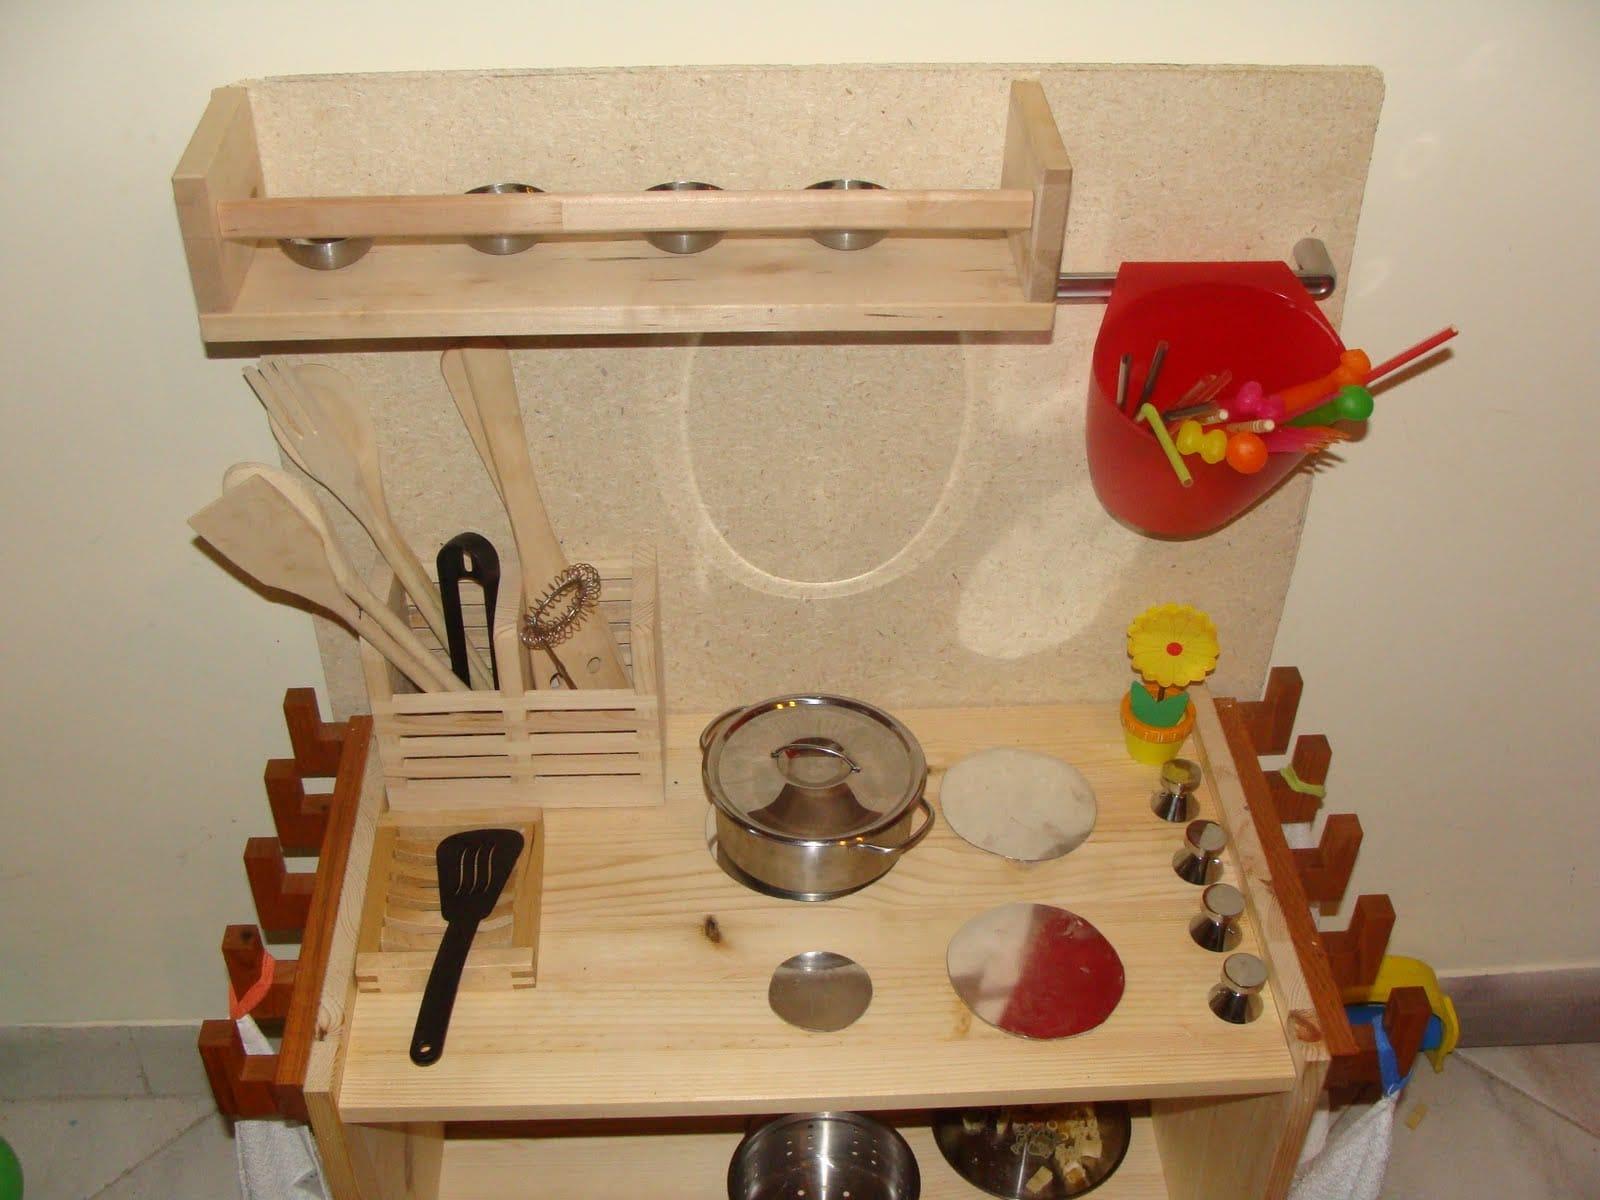 Come costruire una cucina in legno per bambini low cost - Cucina in legno per bambini ikea ...